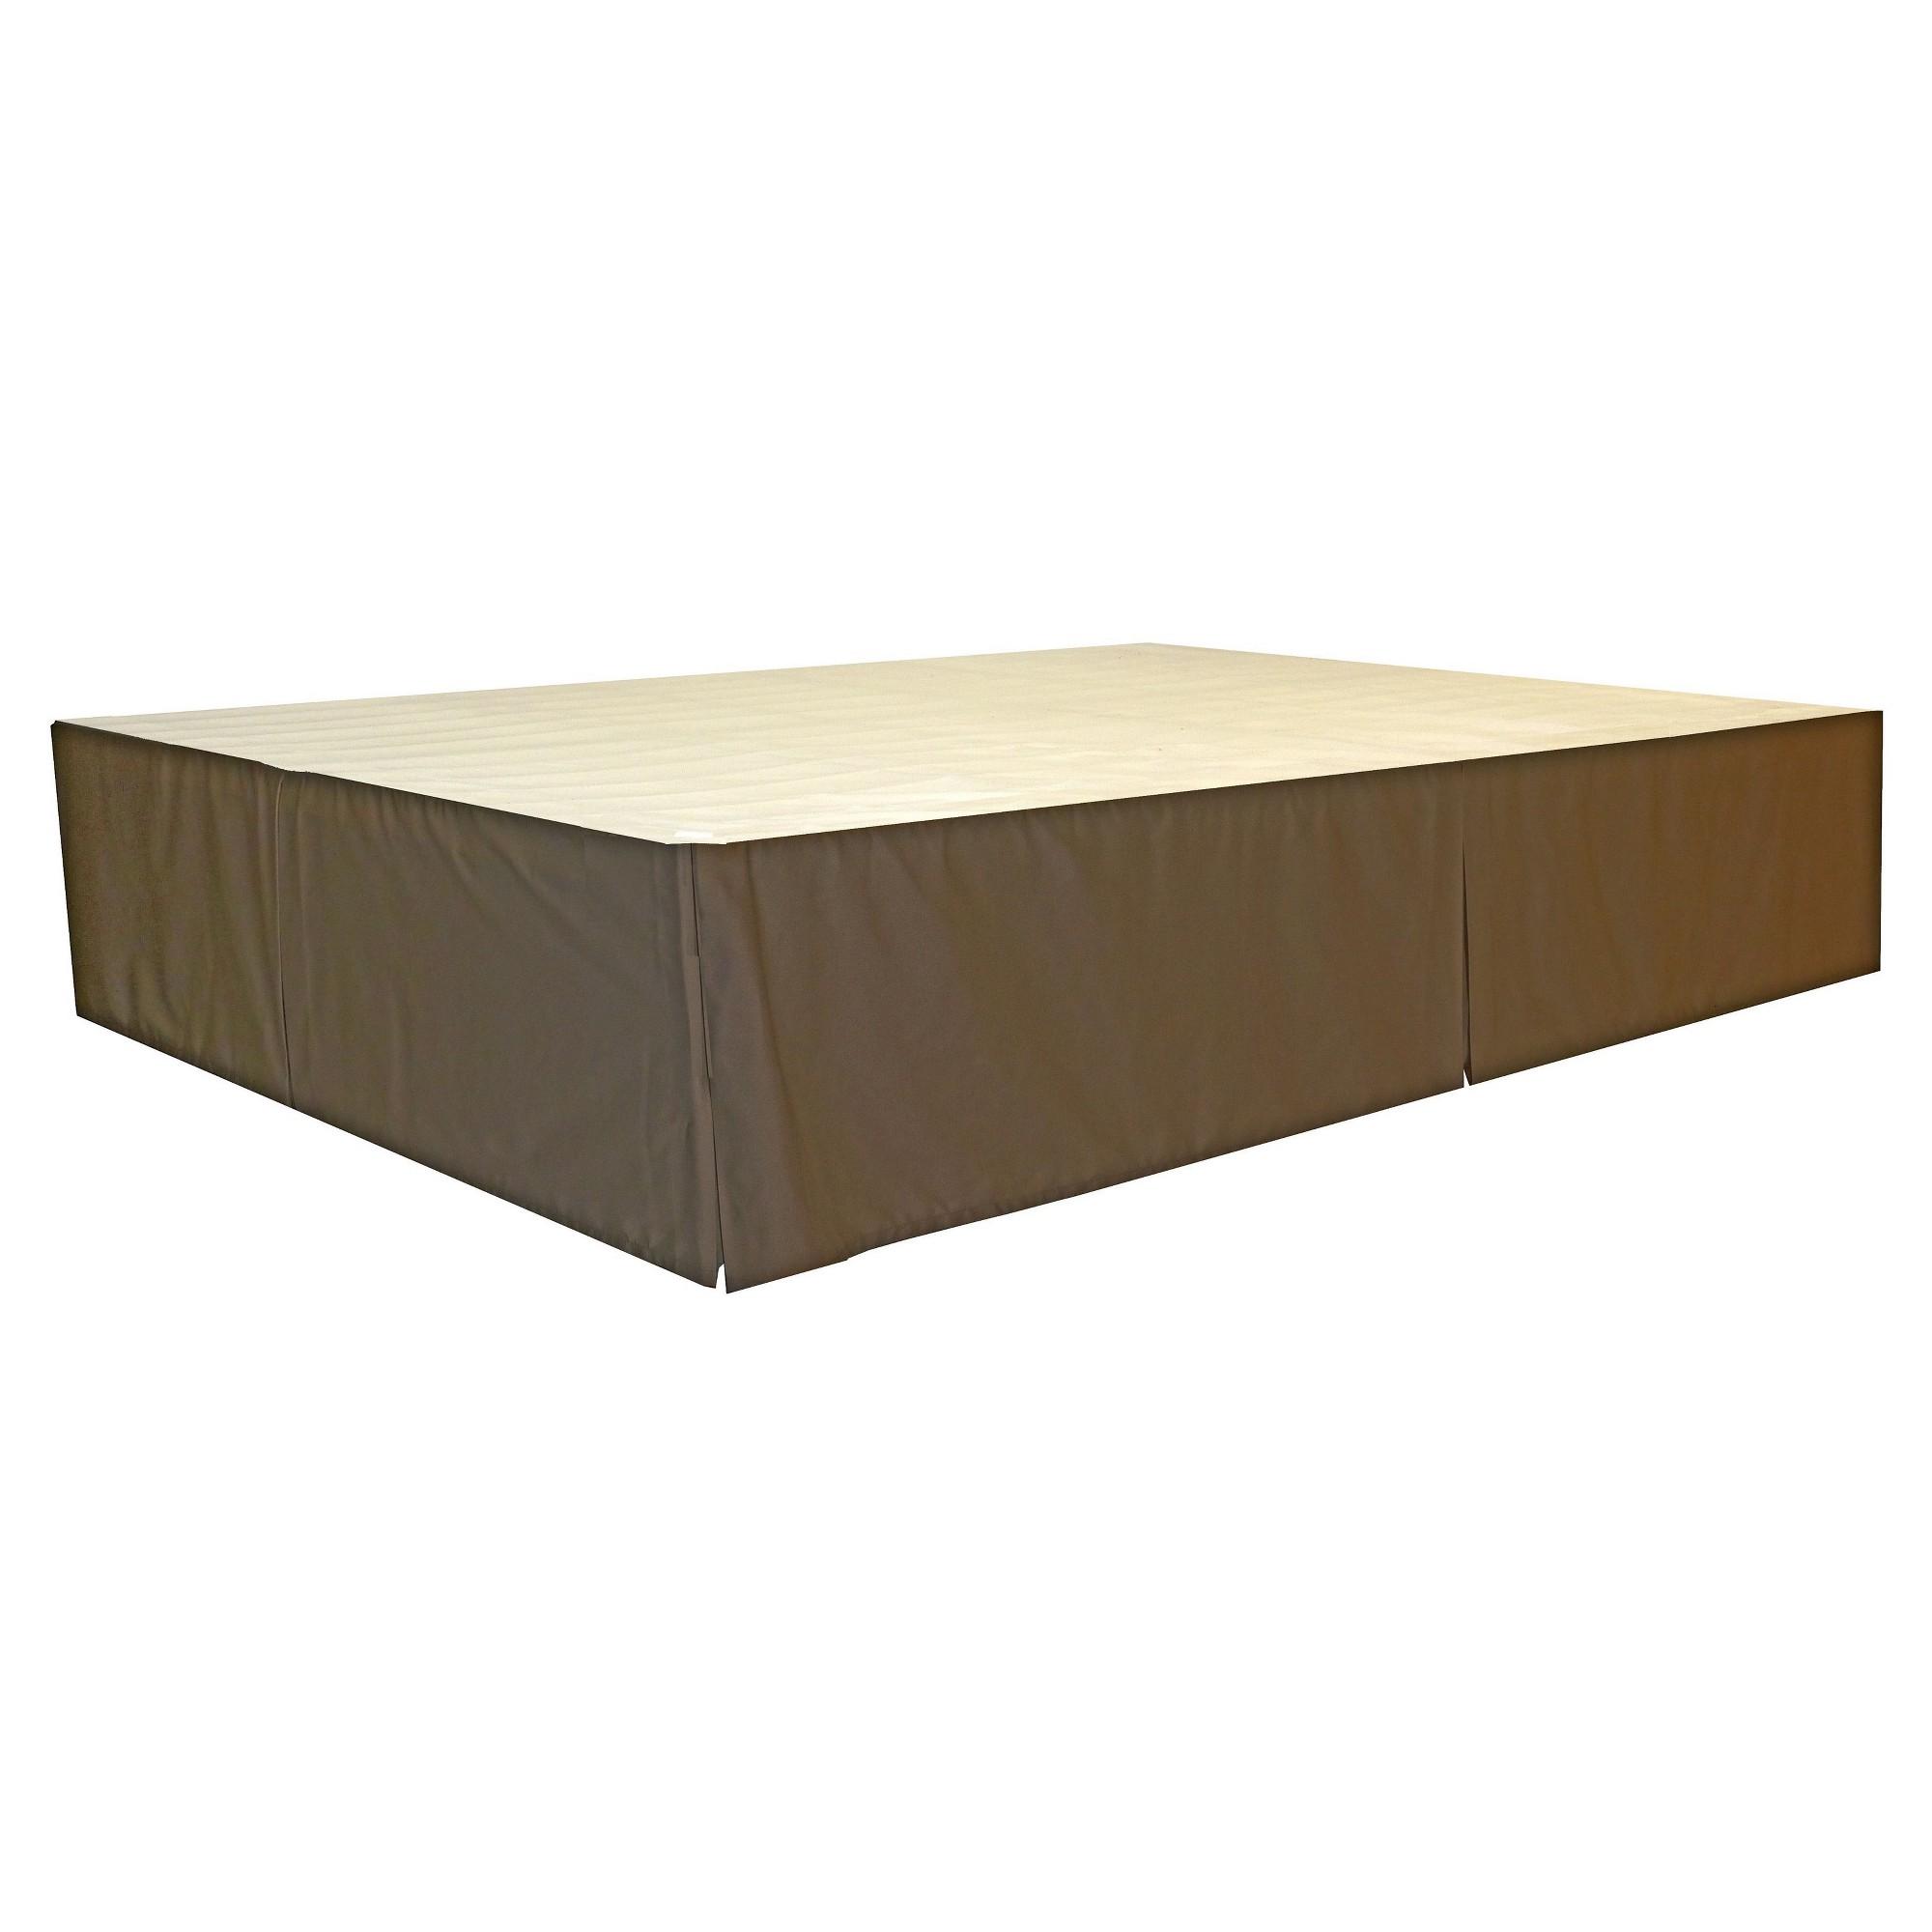 Durabed Steel Platform Bed Frame Decorative Bed Skirt Brown